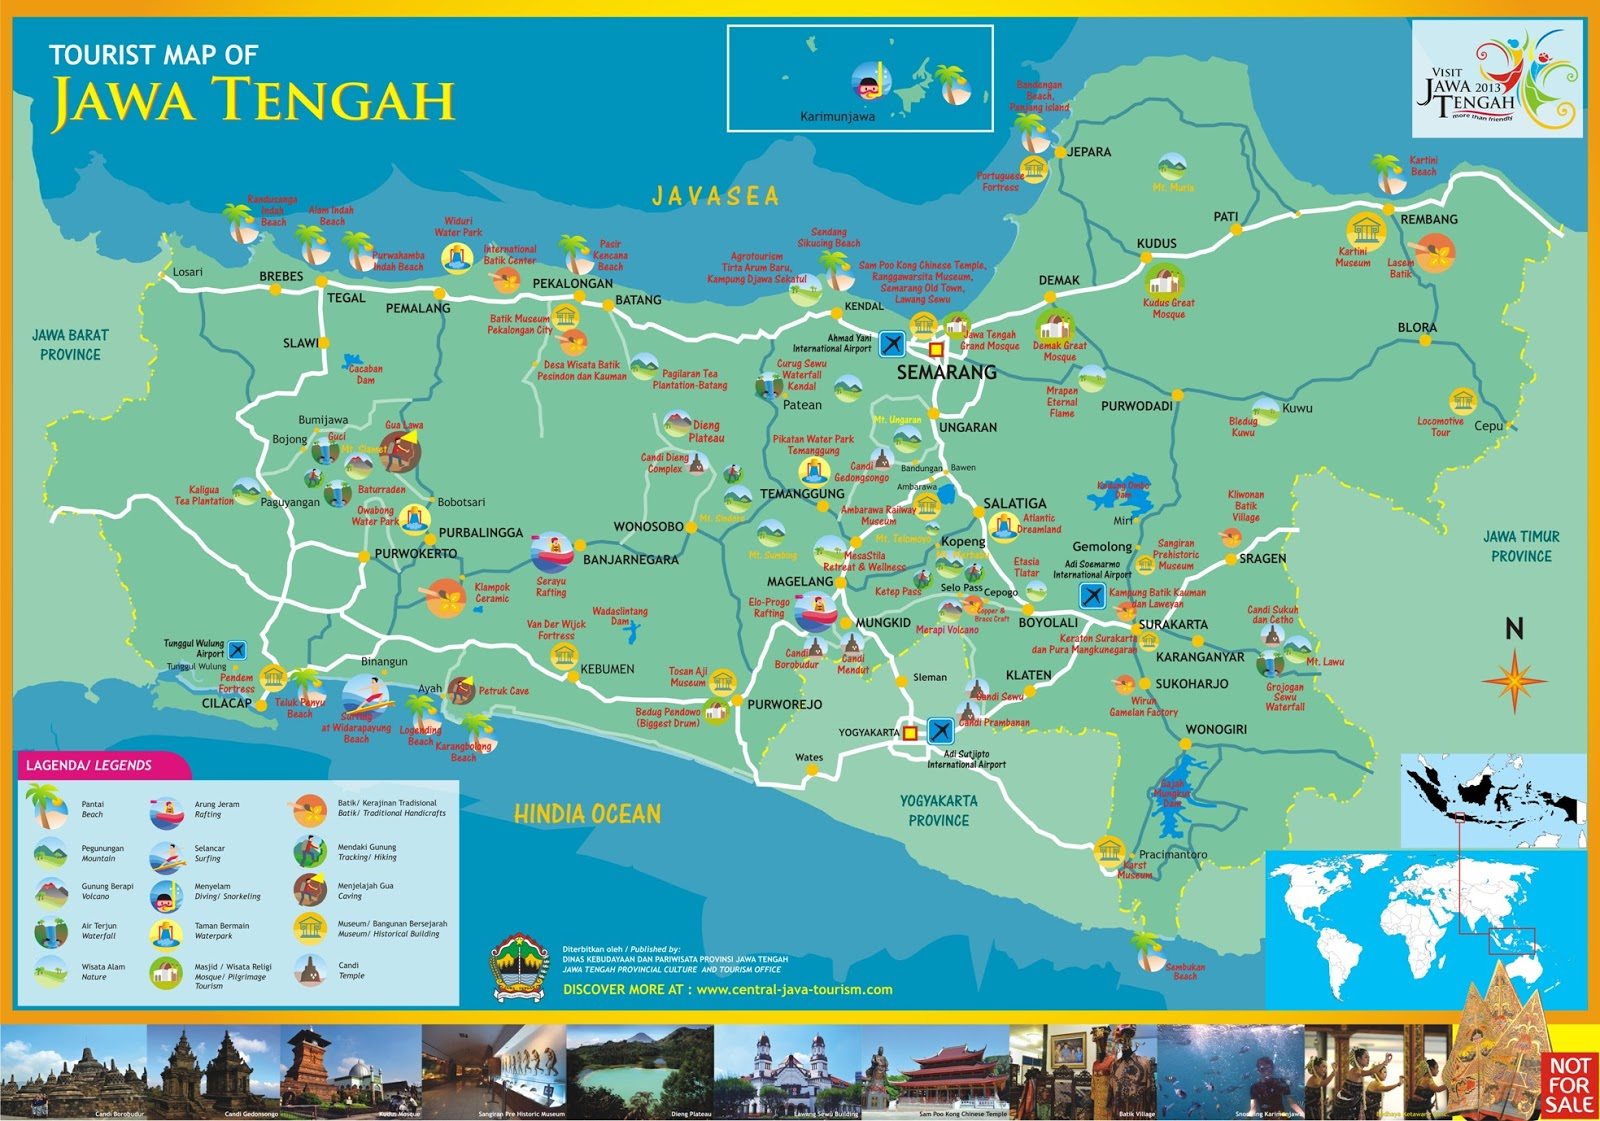 Peta Wisata Jawa Tengah ~ Pamboedi File's